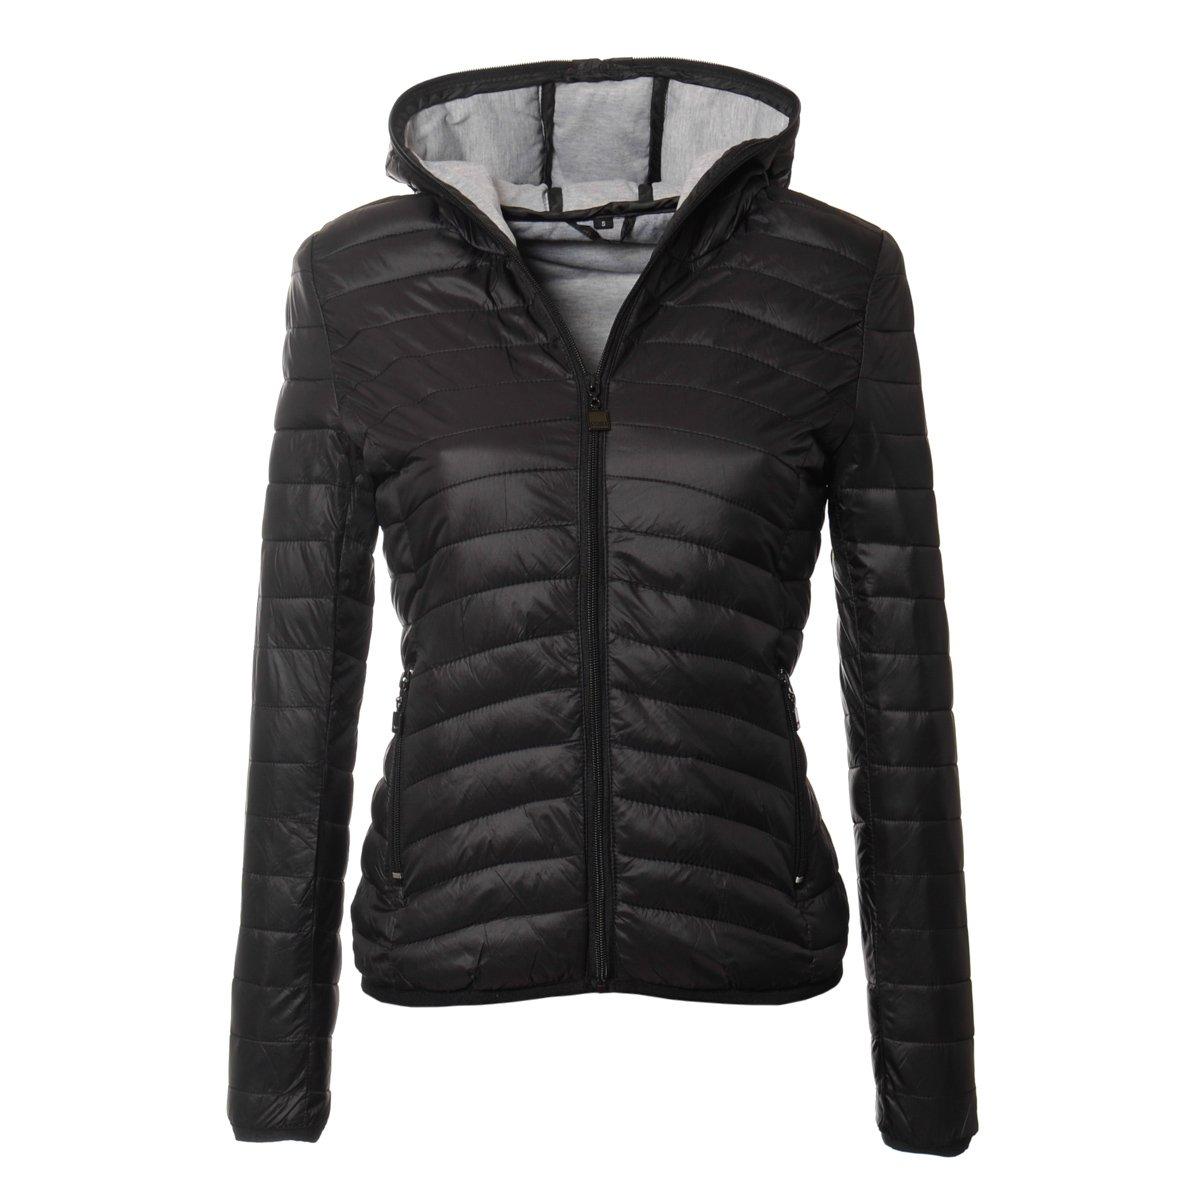 Kup kurtka jesienna damska na Allegro - Najlepsze oferty na największej platformie handlowej.